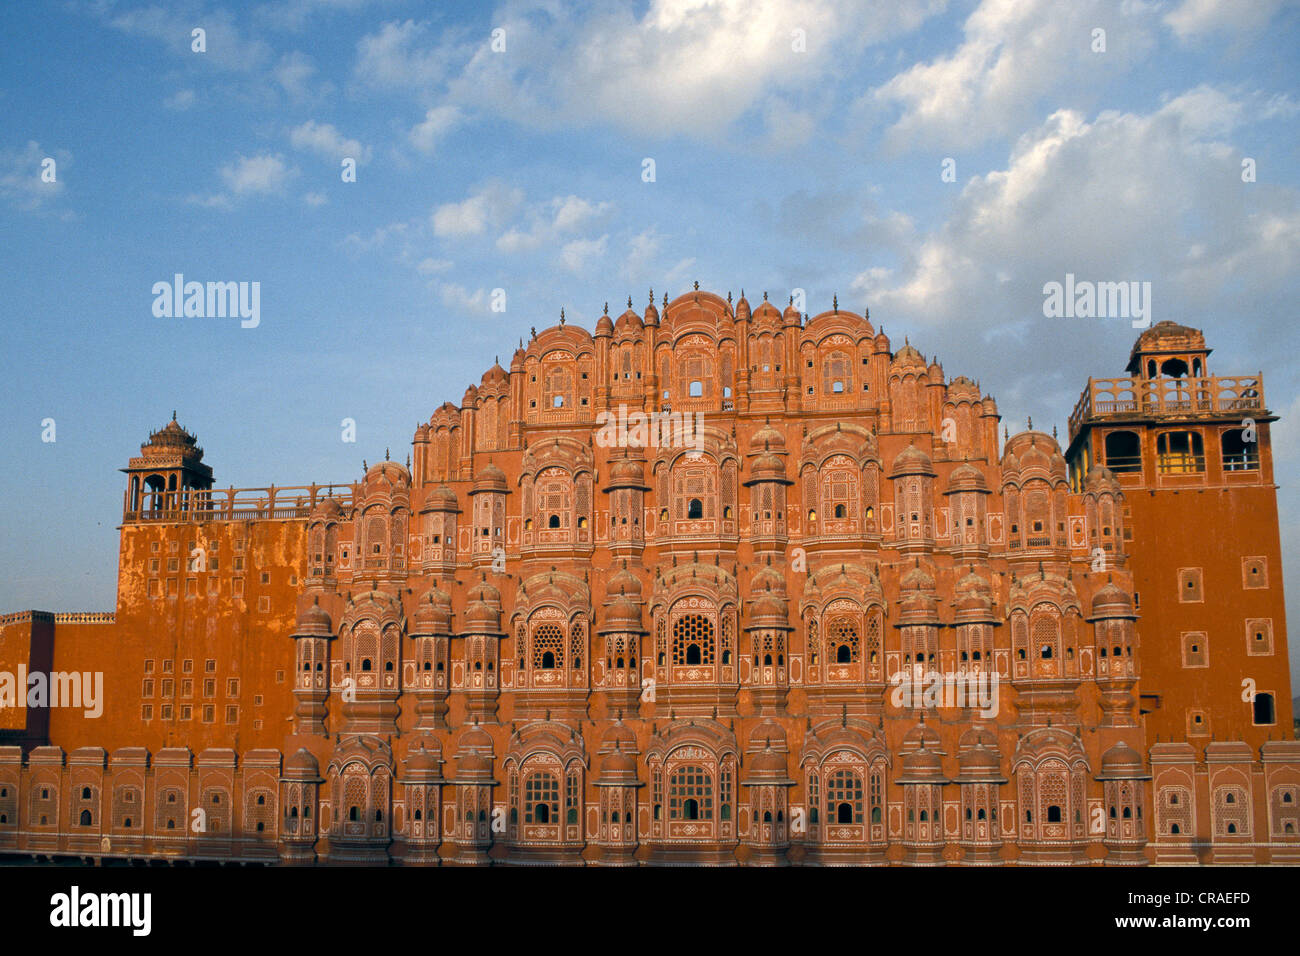 Hawa Mahal or Palace of Winds, Jaipur, Rajasthan, India, Asia - Stock Image